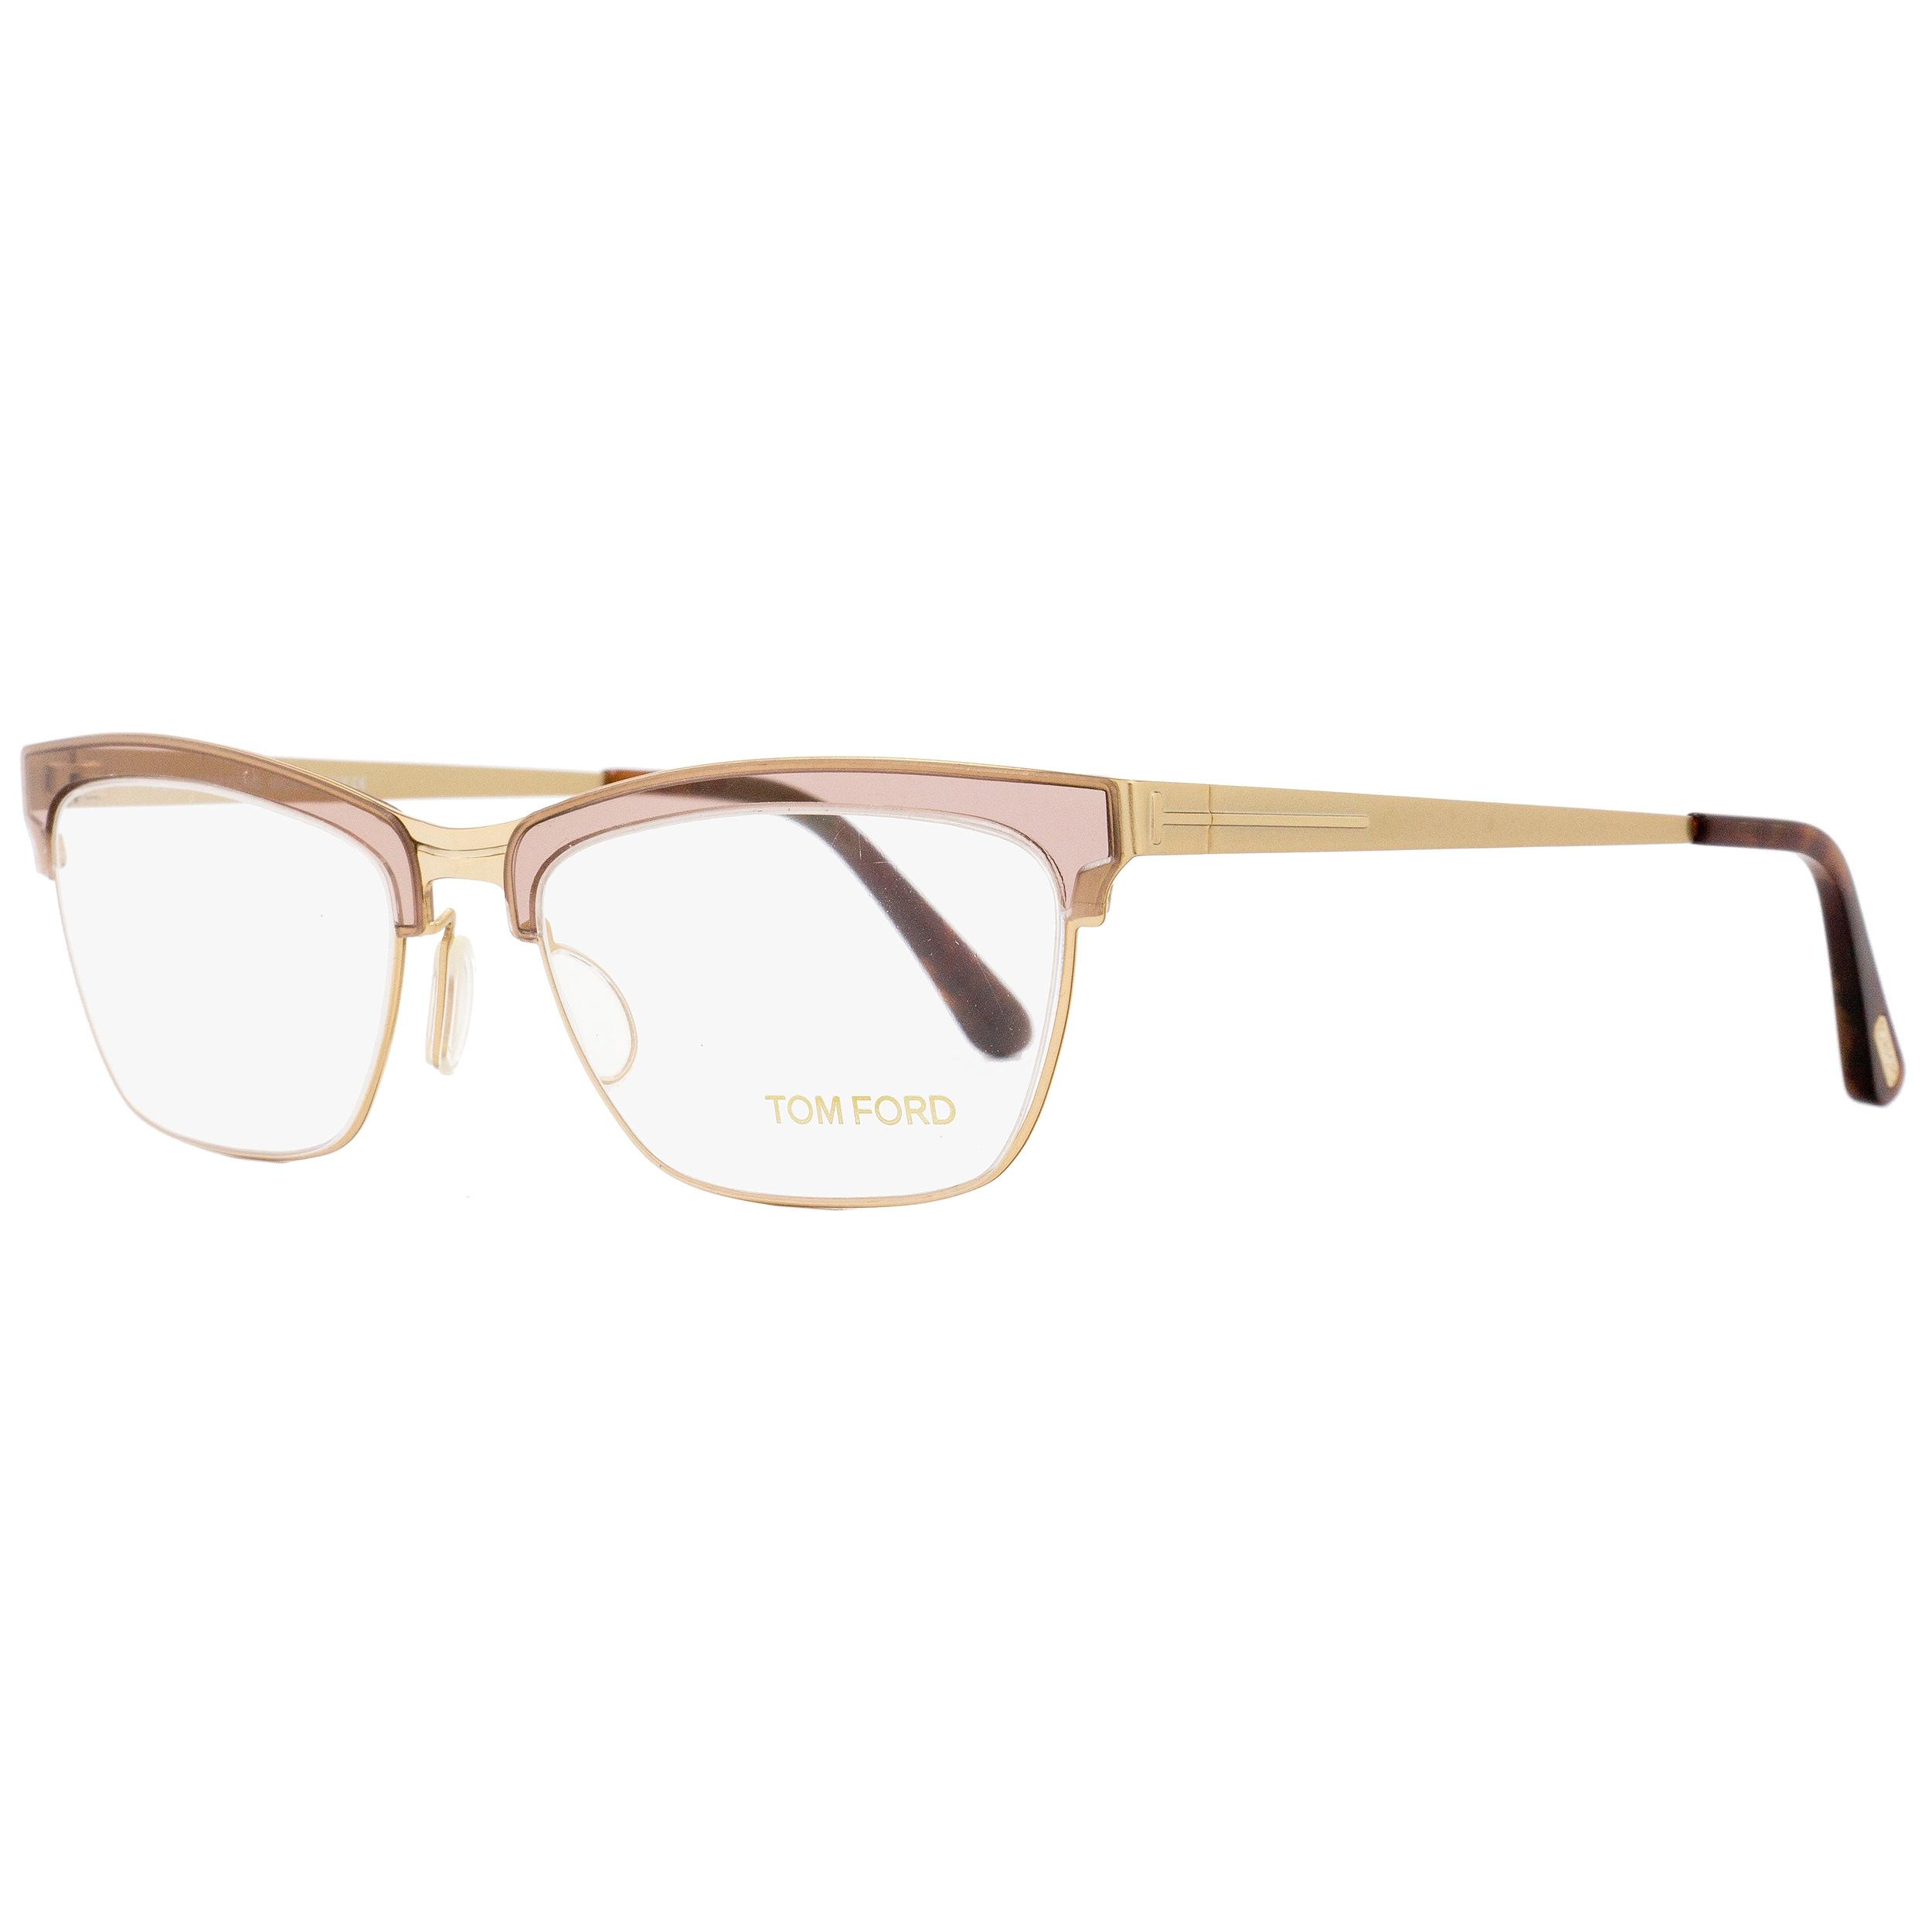 tom ip ford fuxia walmart com eyeglasses shiny